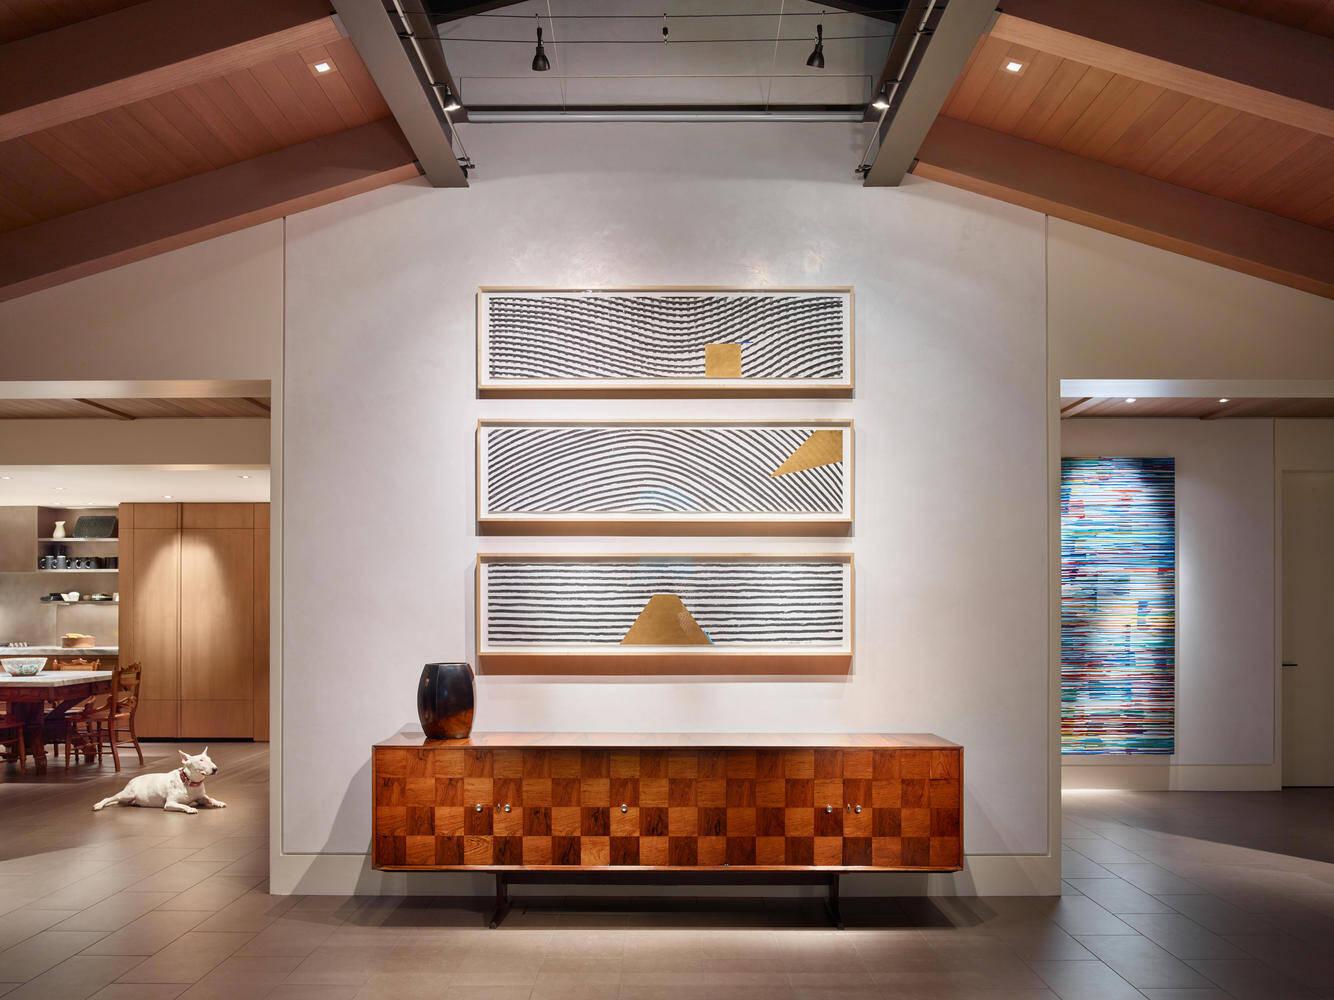 """Thiết kế ánh sáng """"xóa bỏ"""" các bức tường ngăn giúp không gian rộng ra trông thấy"""